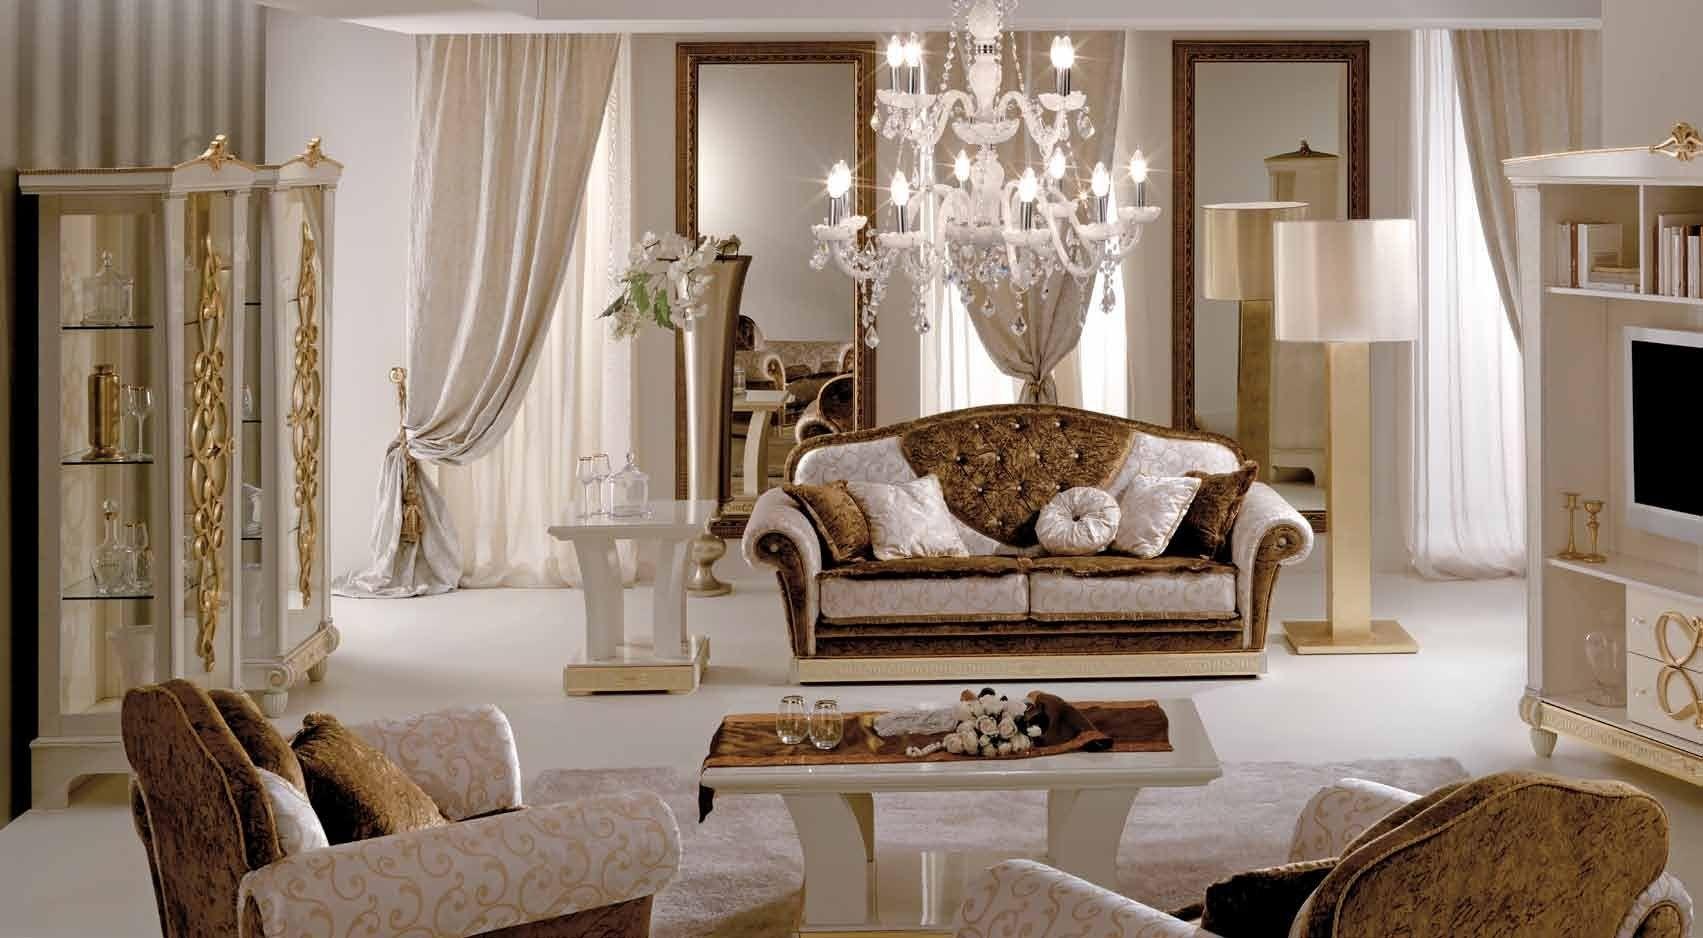 Modernitalianlivingroomfurniturelargeslatepillowslamps Alluring Italian Living Room Design Review